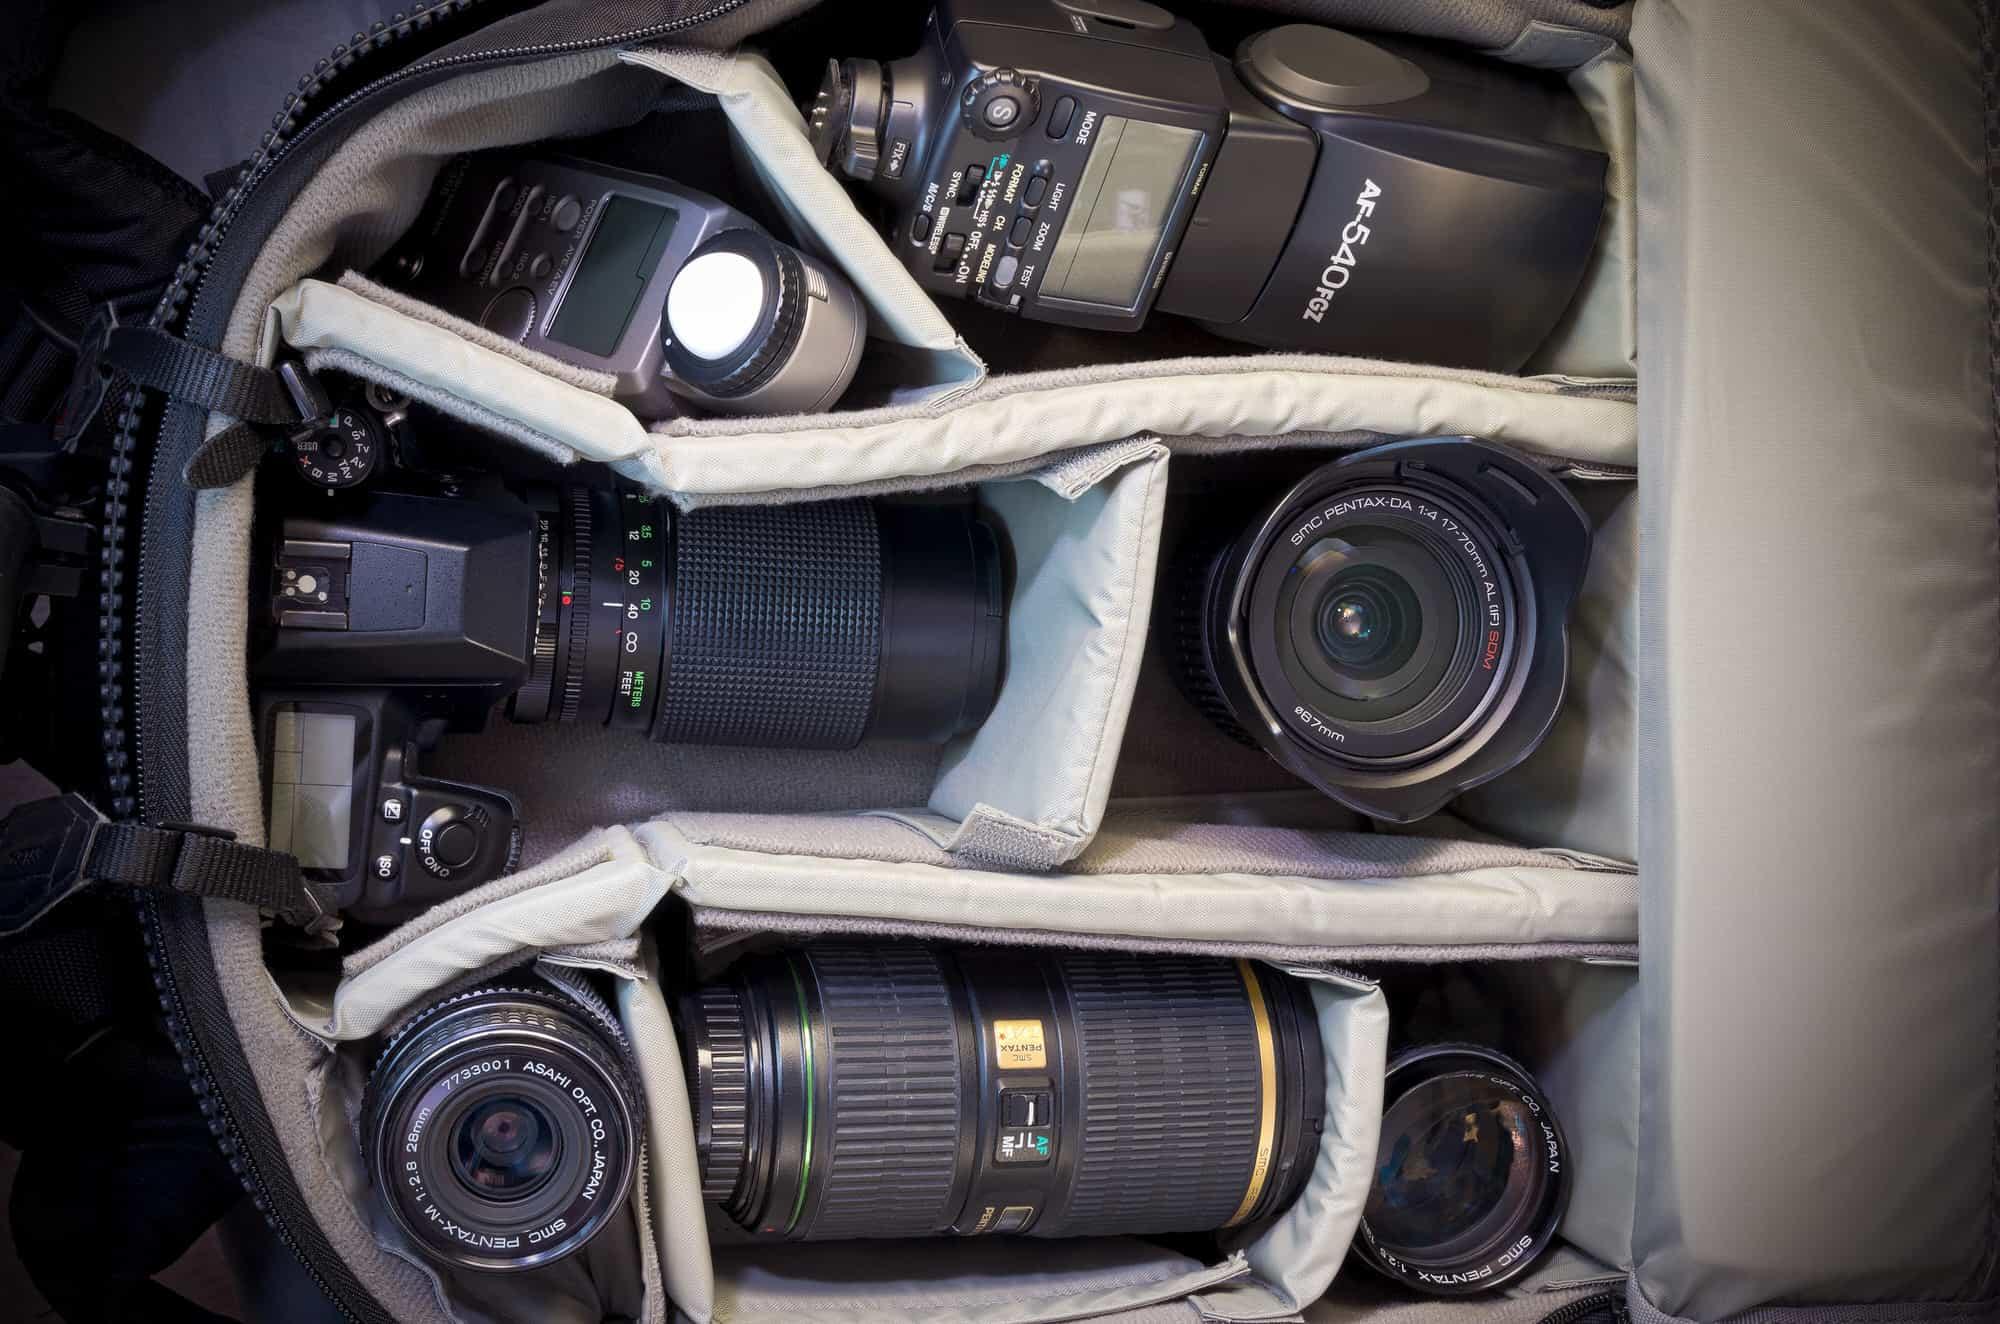 Kamerataschen für die Fotoausrüstung